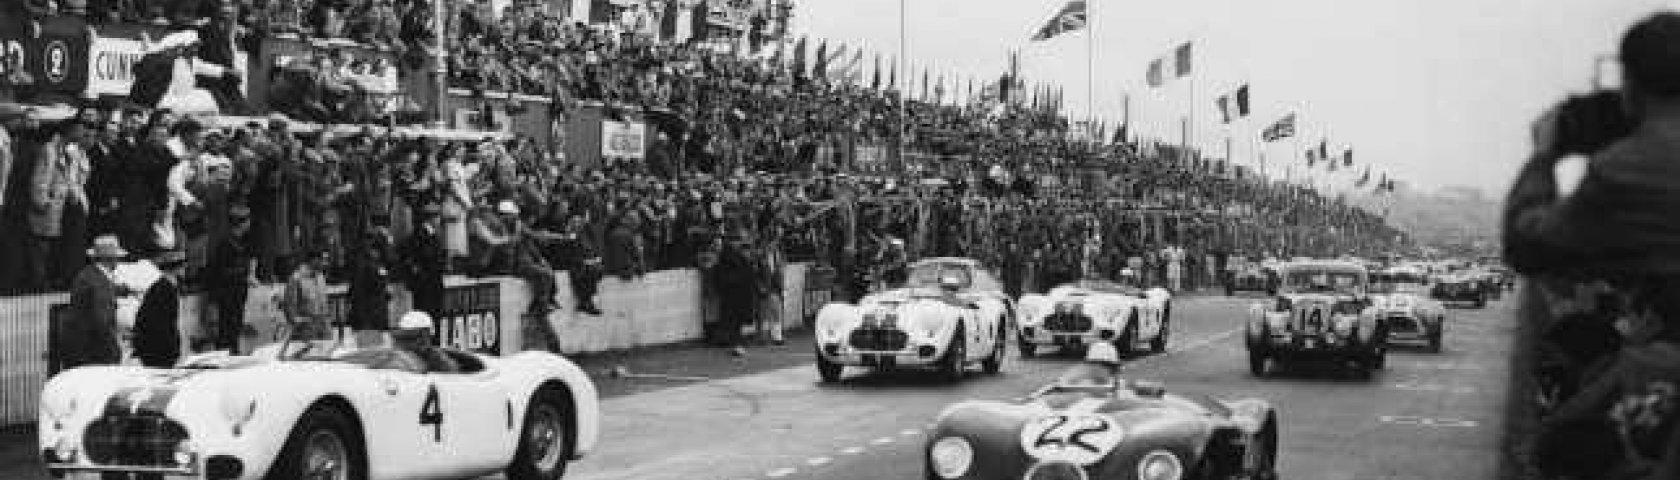 Le Mans 1951 Sir Stirling Moss Jack Fairman Jaguar Xk 120C Lat Motorsport Images Goodwood 07062019